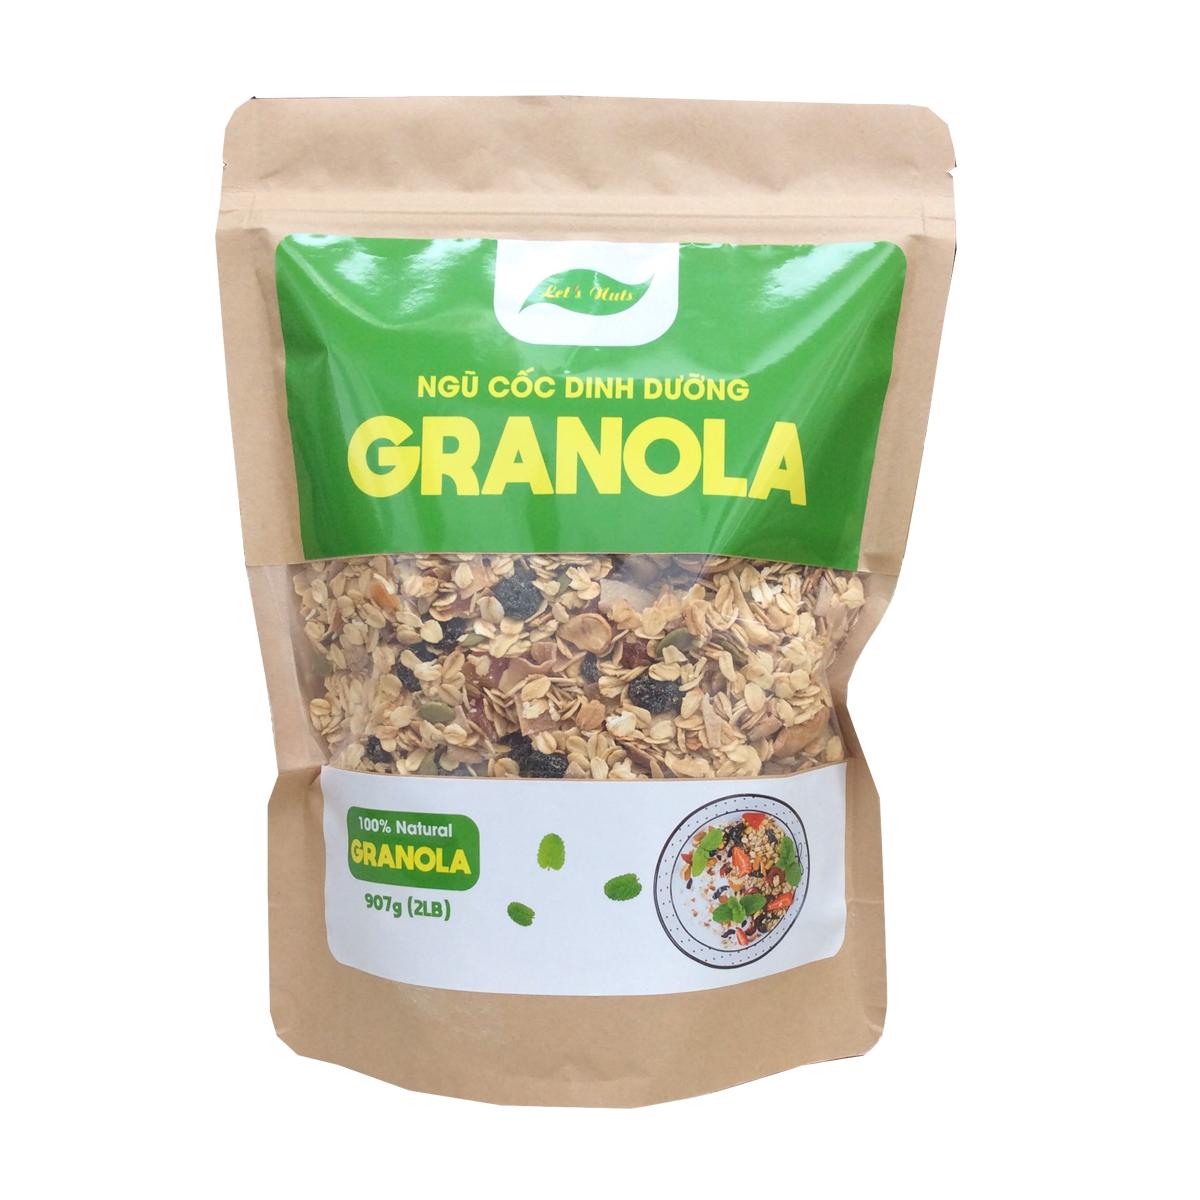 Ngũ cốc ăn kiêng Granola Let's Nuts làm từ yến mạch, mật ong, hạnh nhân, nho khô, bí xanh, dừa, hạt điều dành cho người bận rộn, giảm cân, ăn vặt văn phòng túi 907g